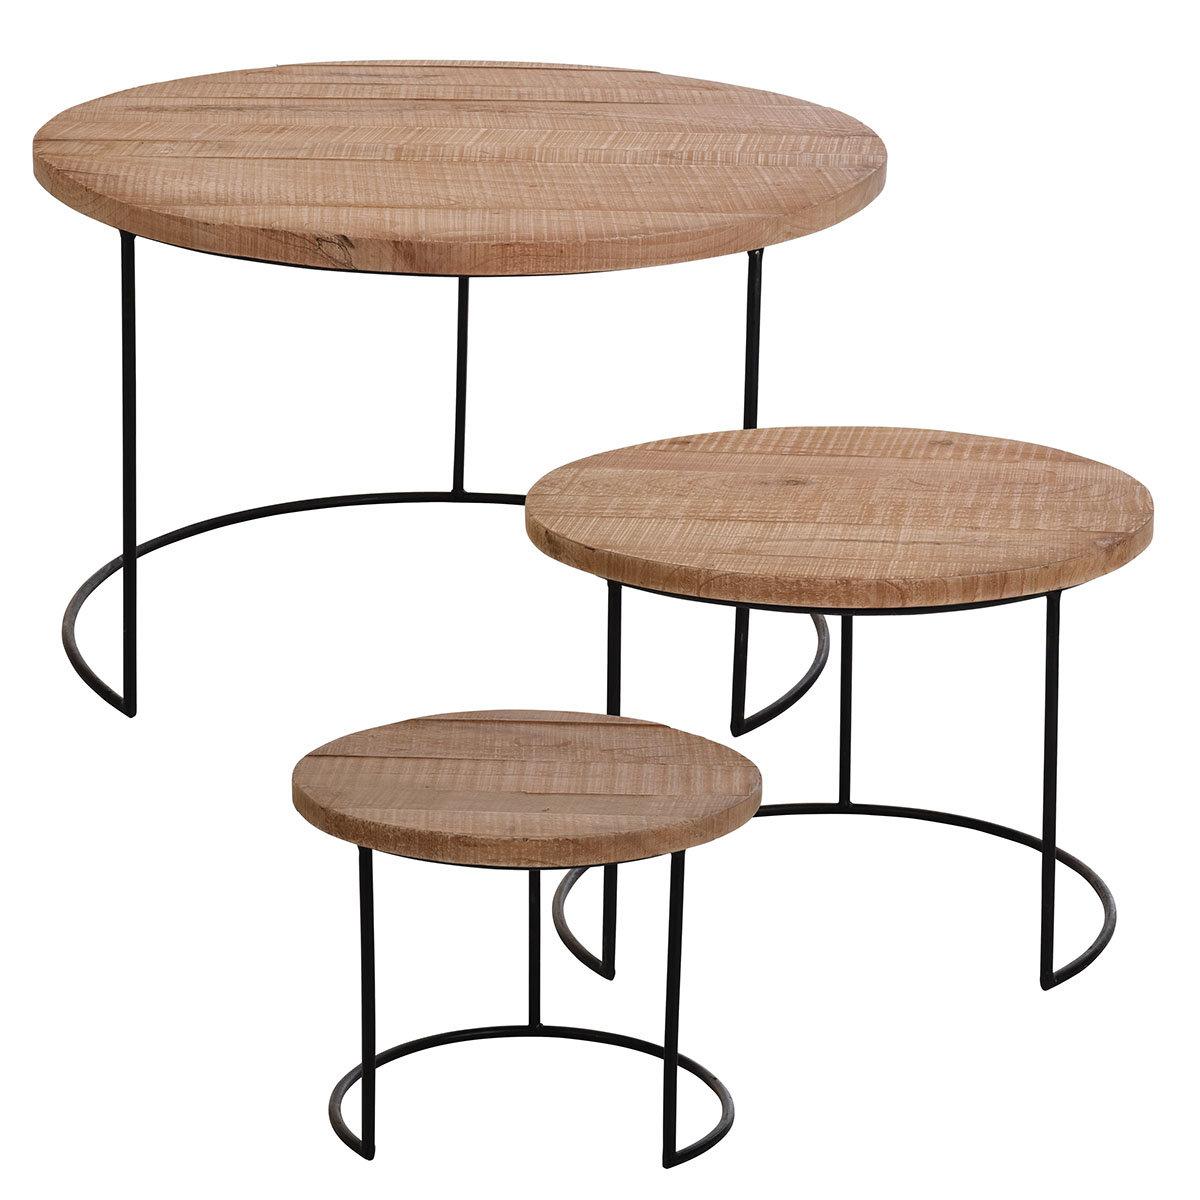 Full Size of Lounge Set Klein Tisch New York Kleiner Esstisch Weiß Kleine Einbauküche Küche Einrichten Loungemöbel Garten L Form Günstig Kleines Badezimmer Neu Wohnzimmer Lounge Set Klein